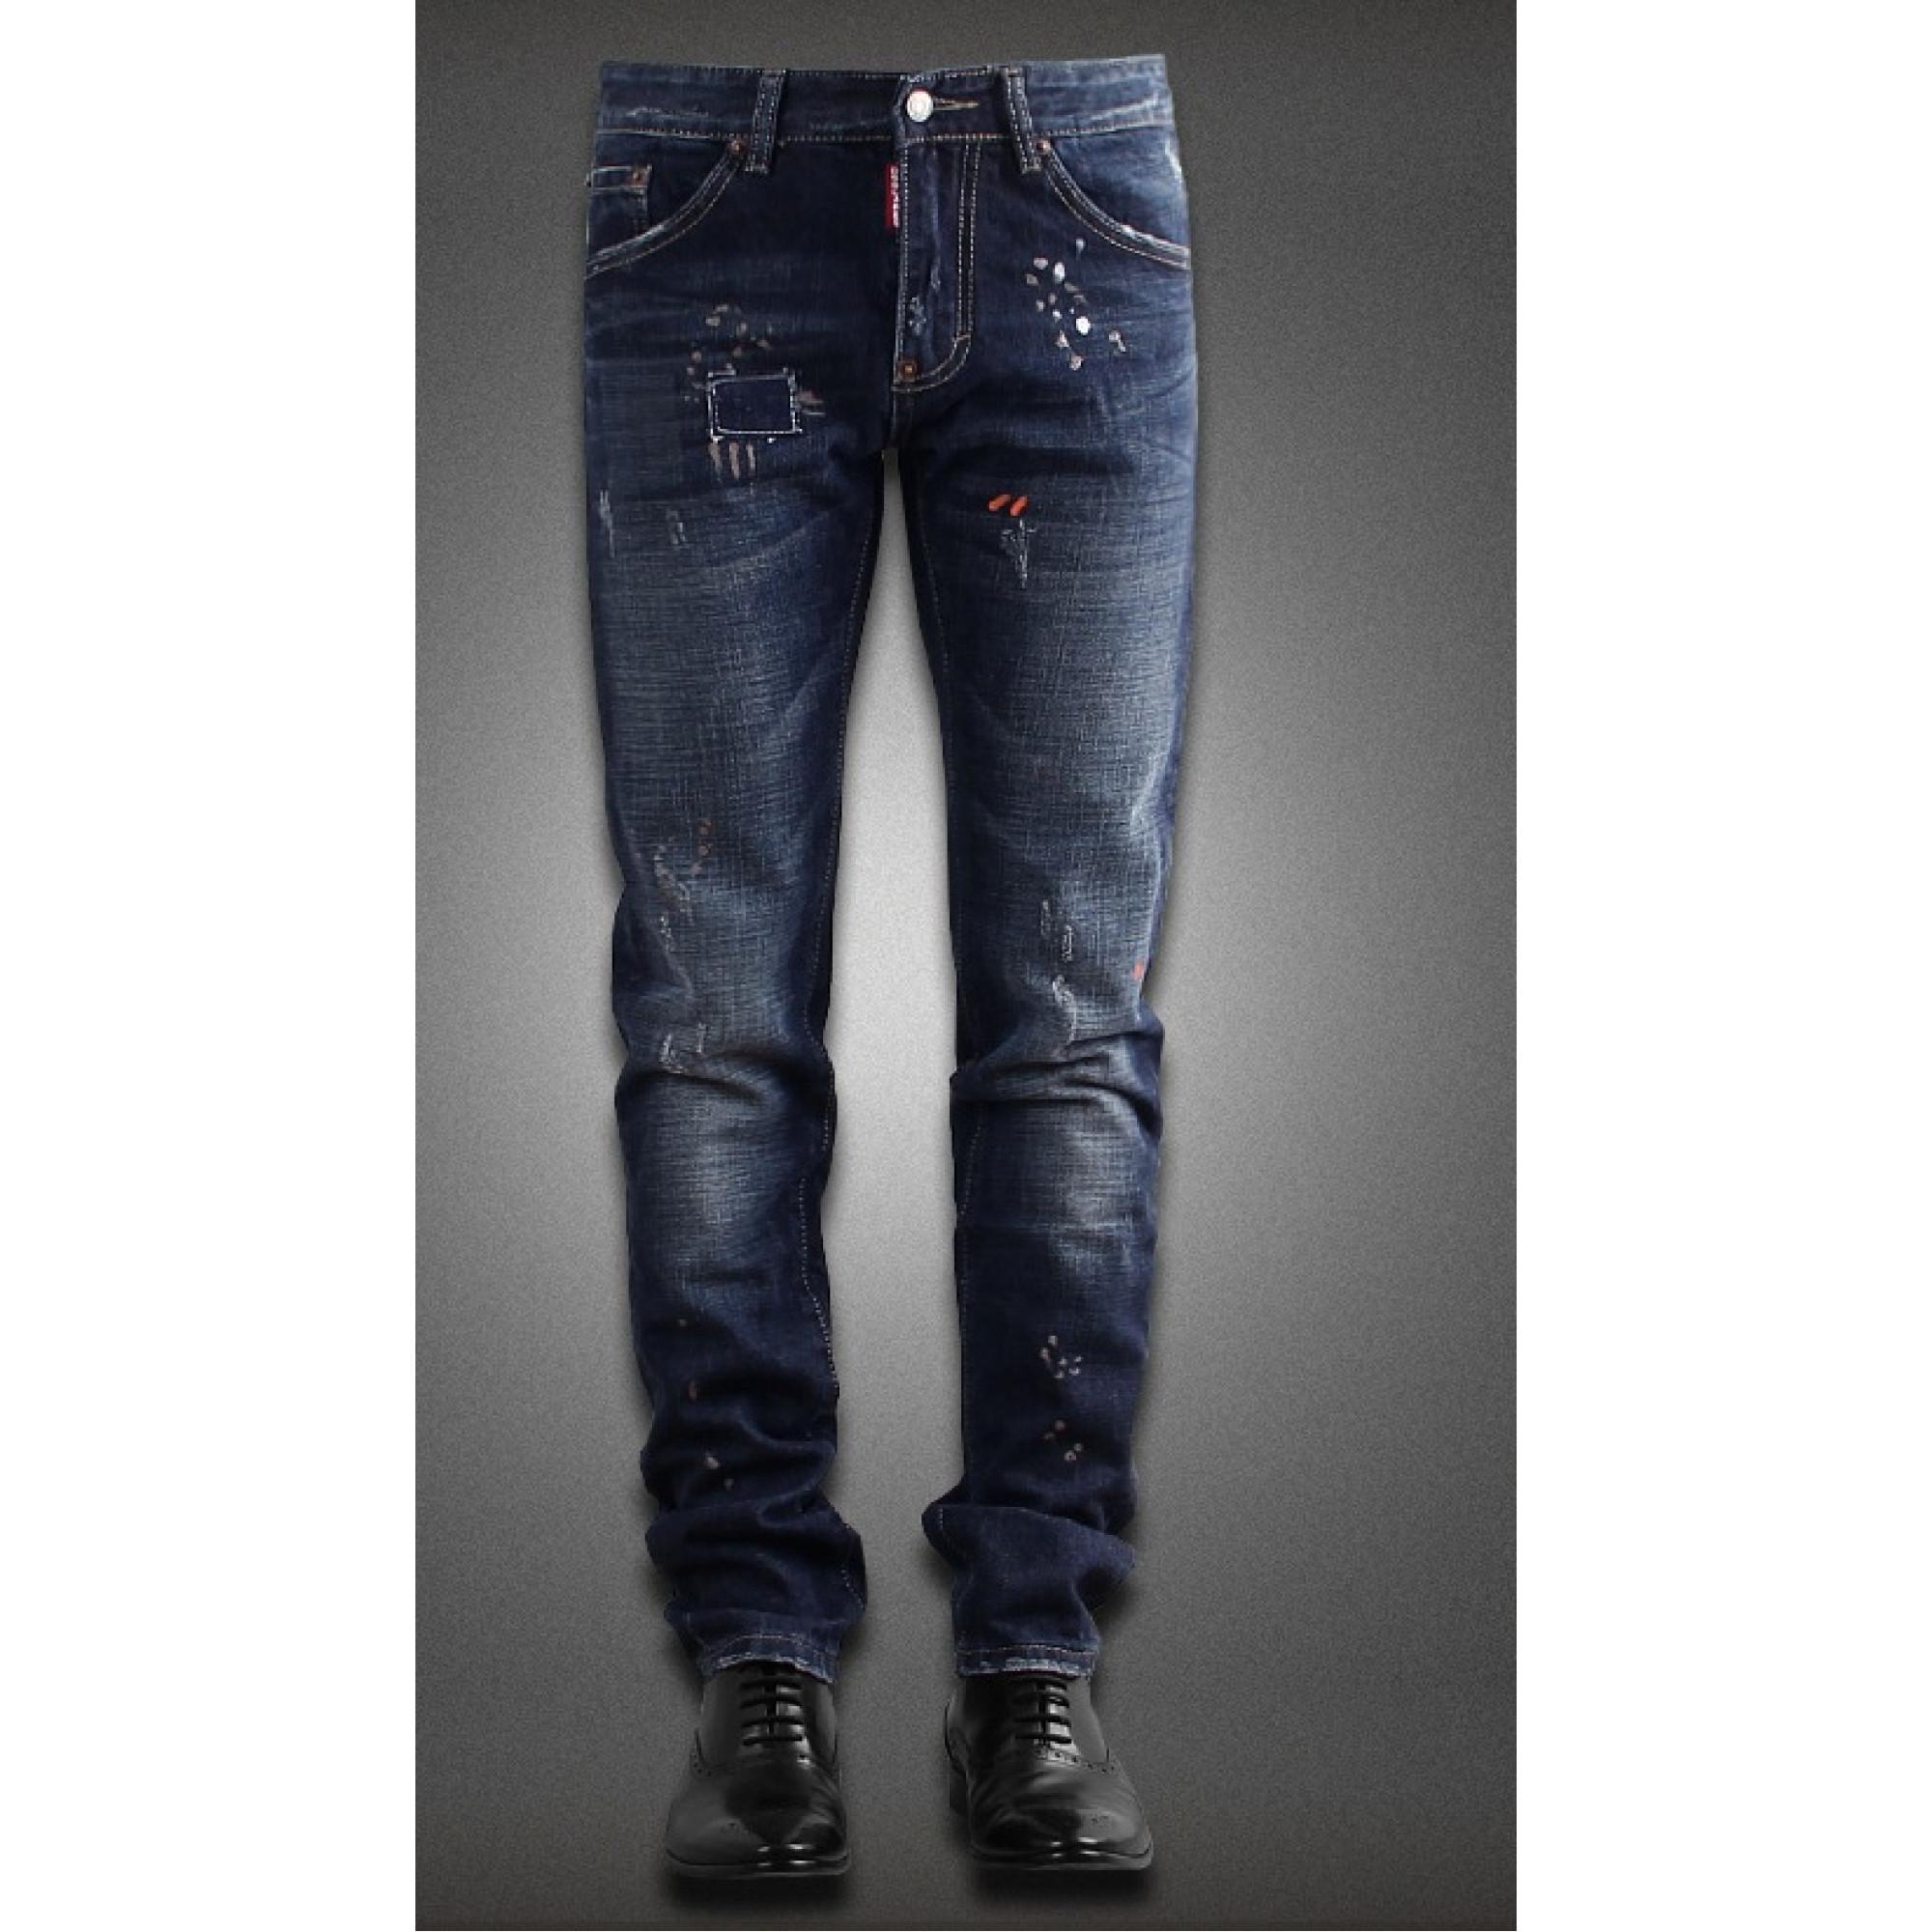 купить мужские джинсы Dsquared 2017 в киеве код товара 8168